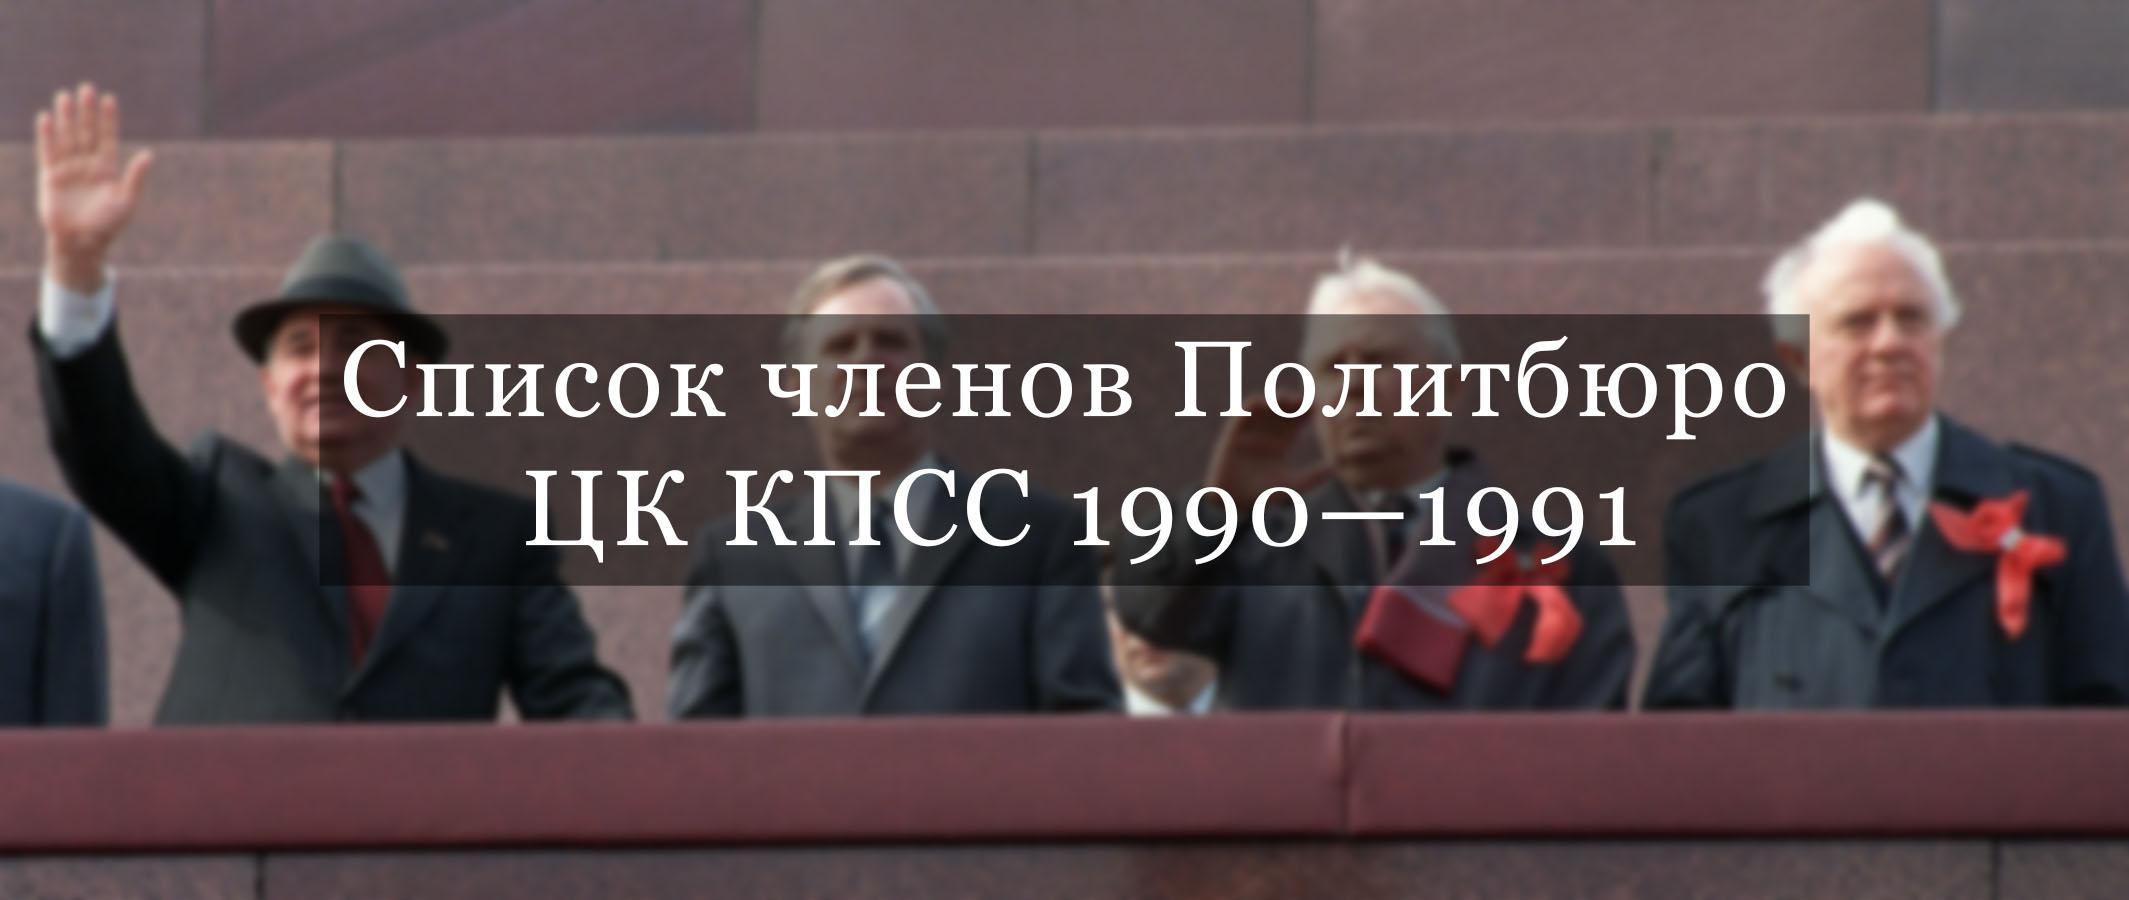 Список и биографии членов Политбюро ЦК КПСС 1990—1991